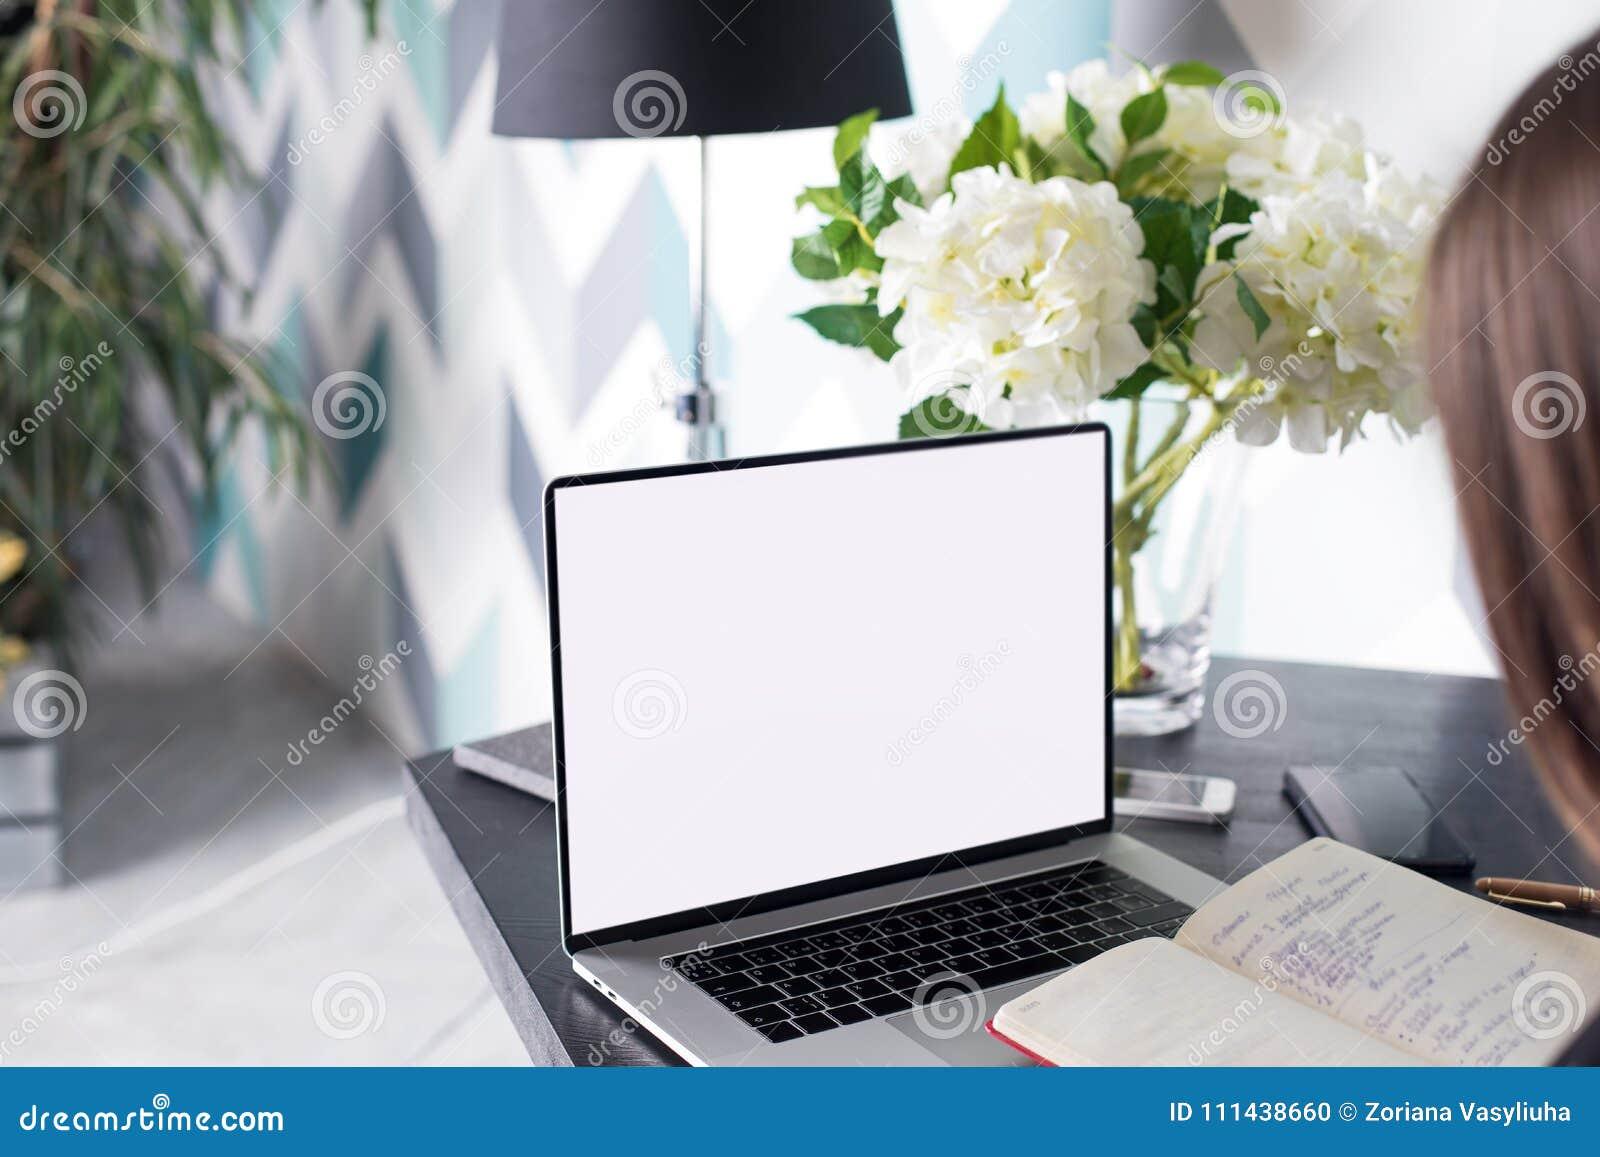 Kvinnauniversitetsstudent som lär direktanslutet genom att använda läroboken och den bärbara netto-boken med åtlöje upp den tomma